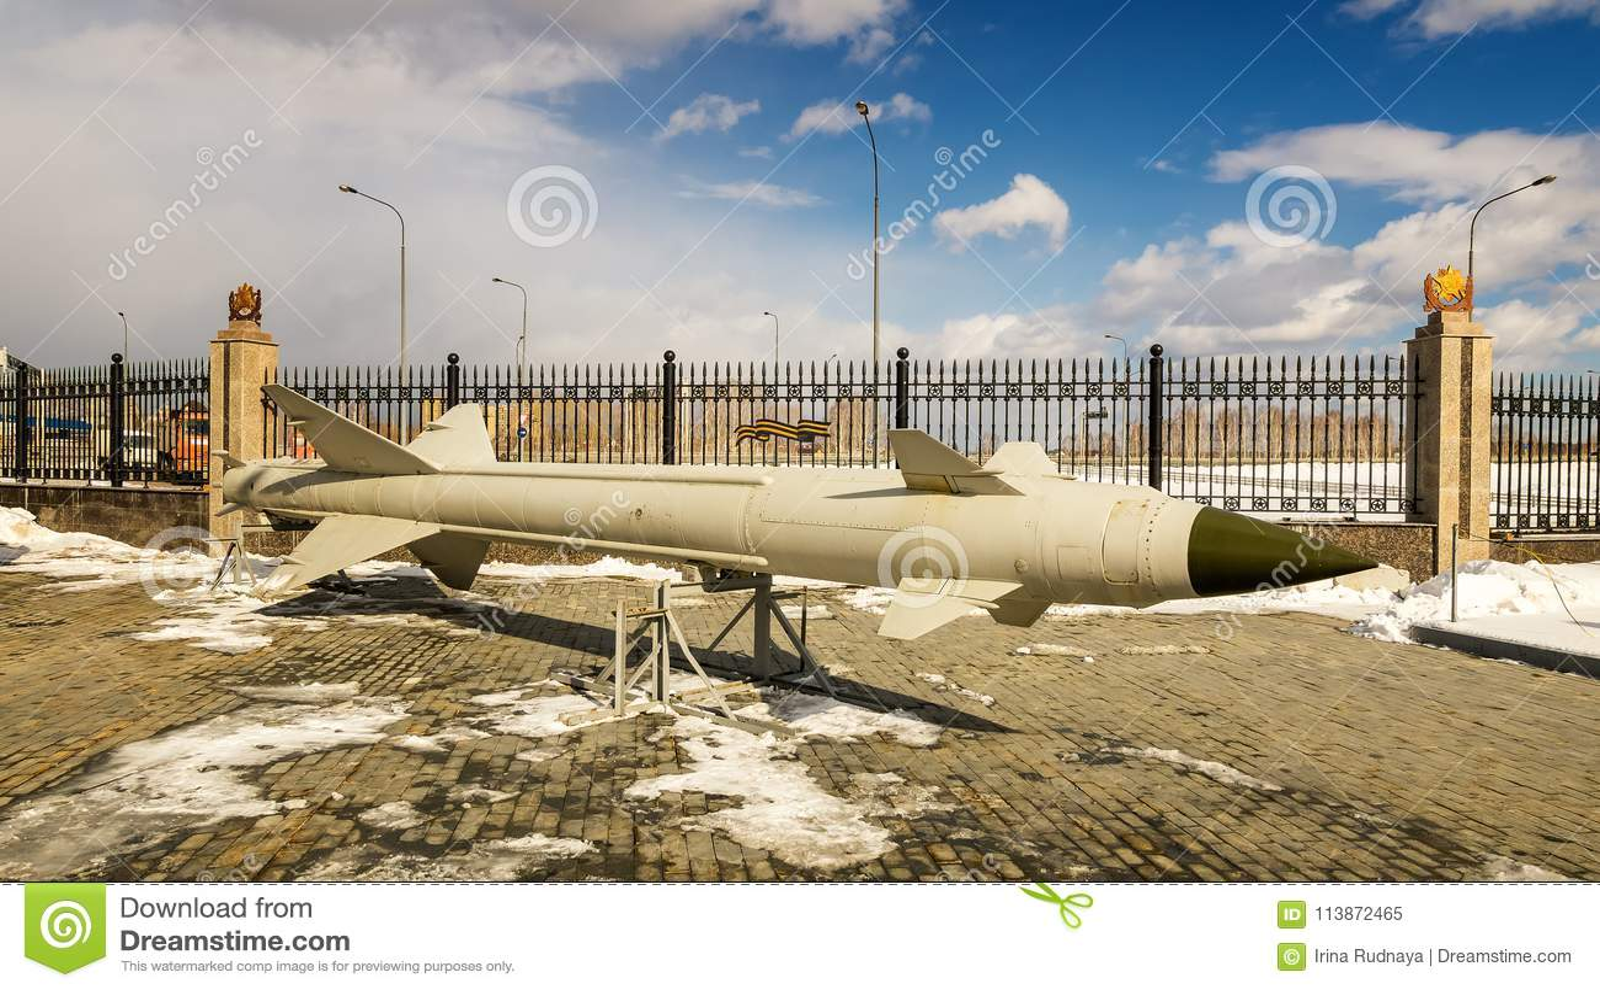 Αγώνας σοβιετικός ένα βλήμα-έκθεμα του στρατιωτικού μουσείου ιστορίας, Ρωσία, Ekaterinburg, 31 03 2018